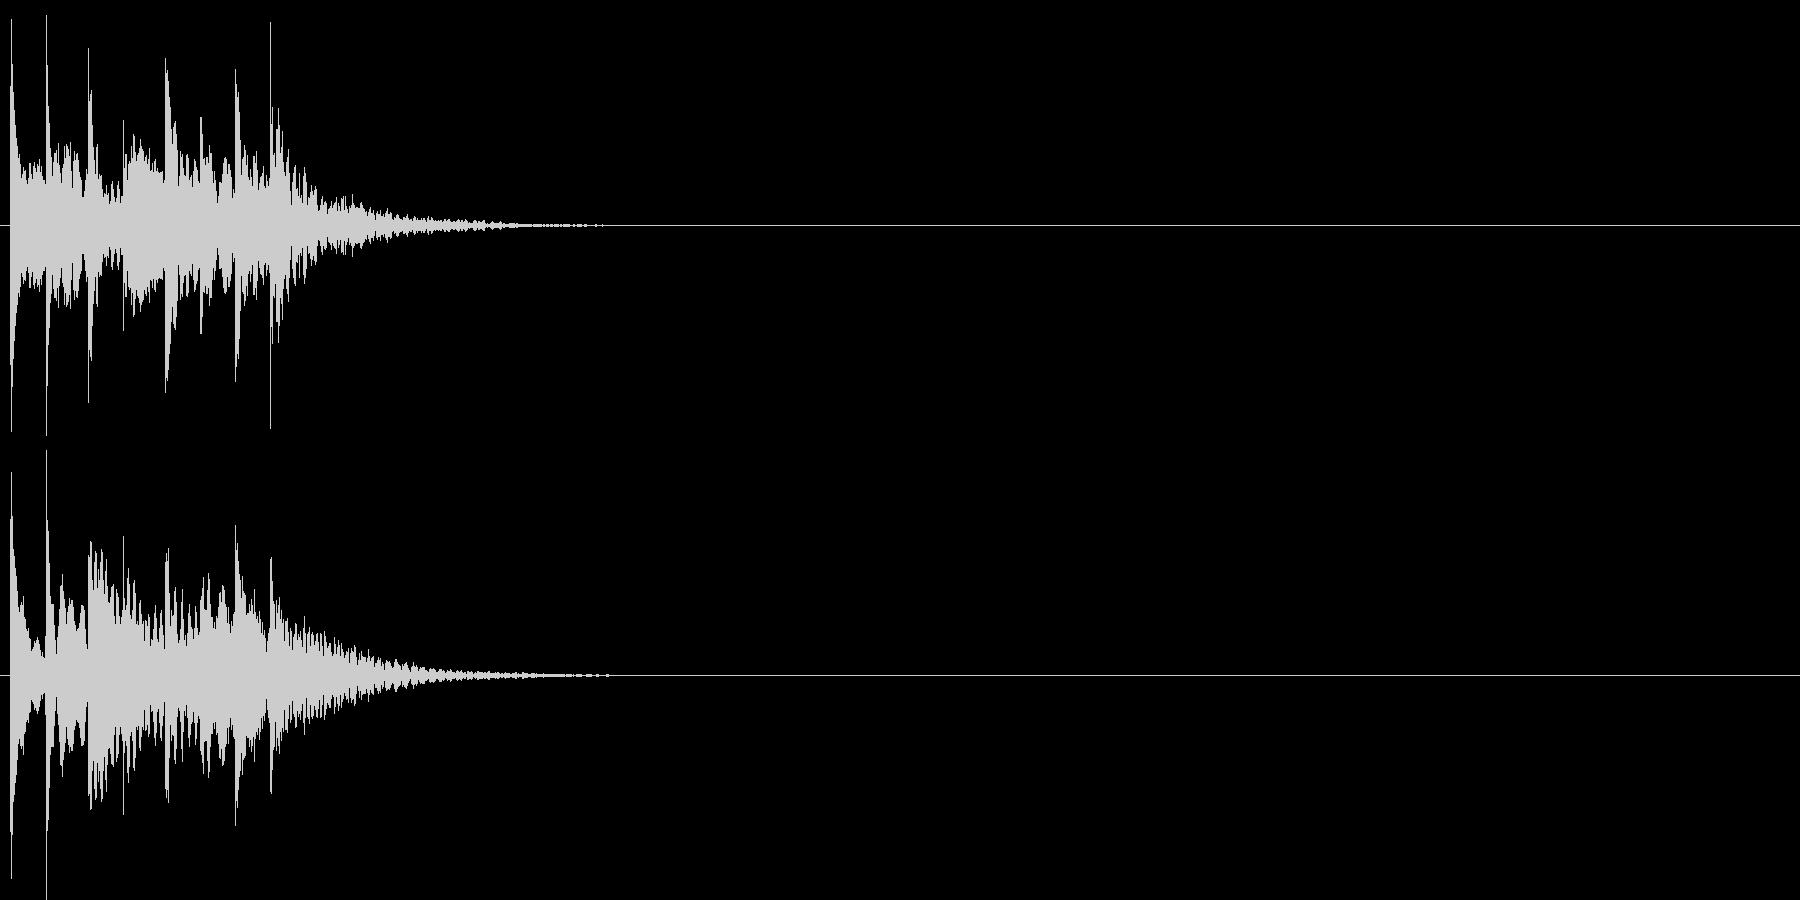 グリッサンド06 シロフォン(下降)の未再生の波形